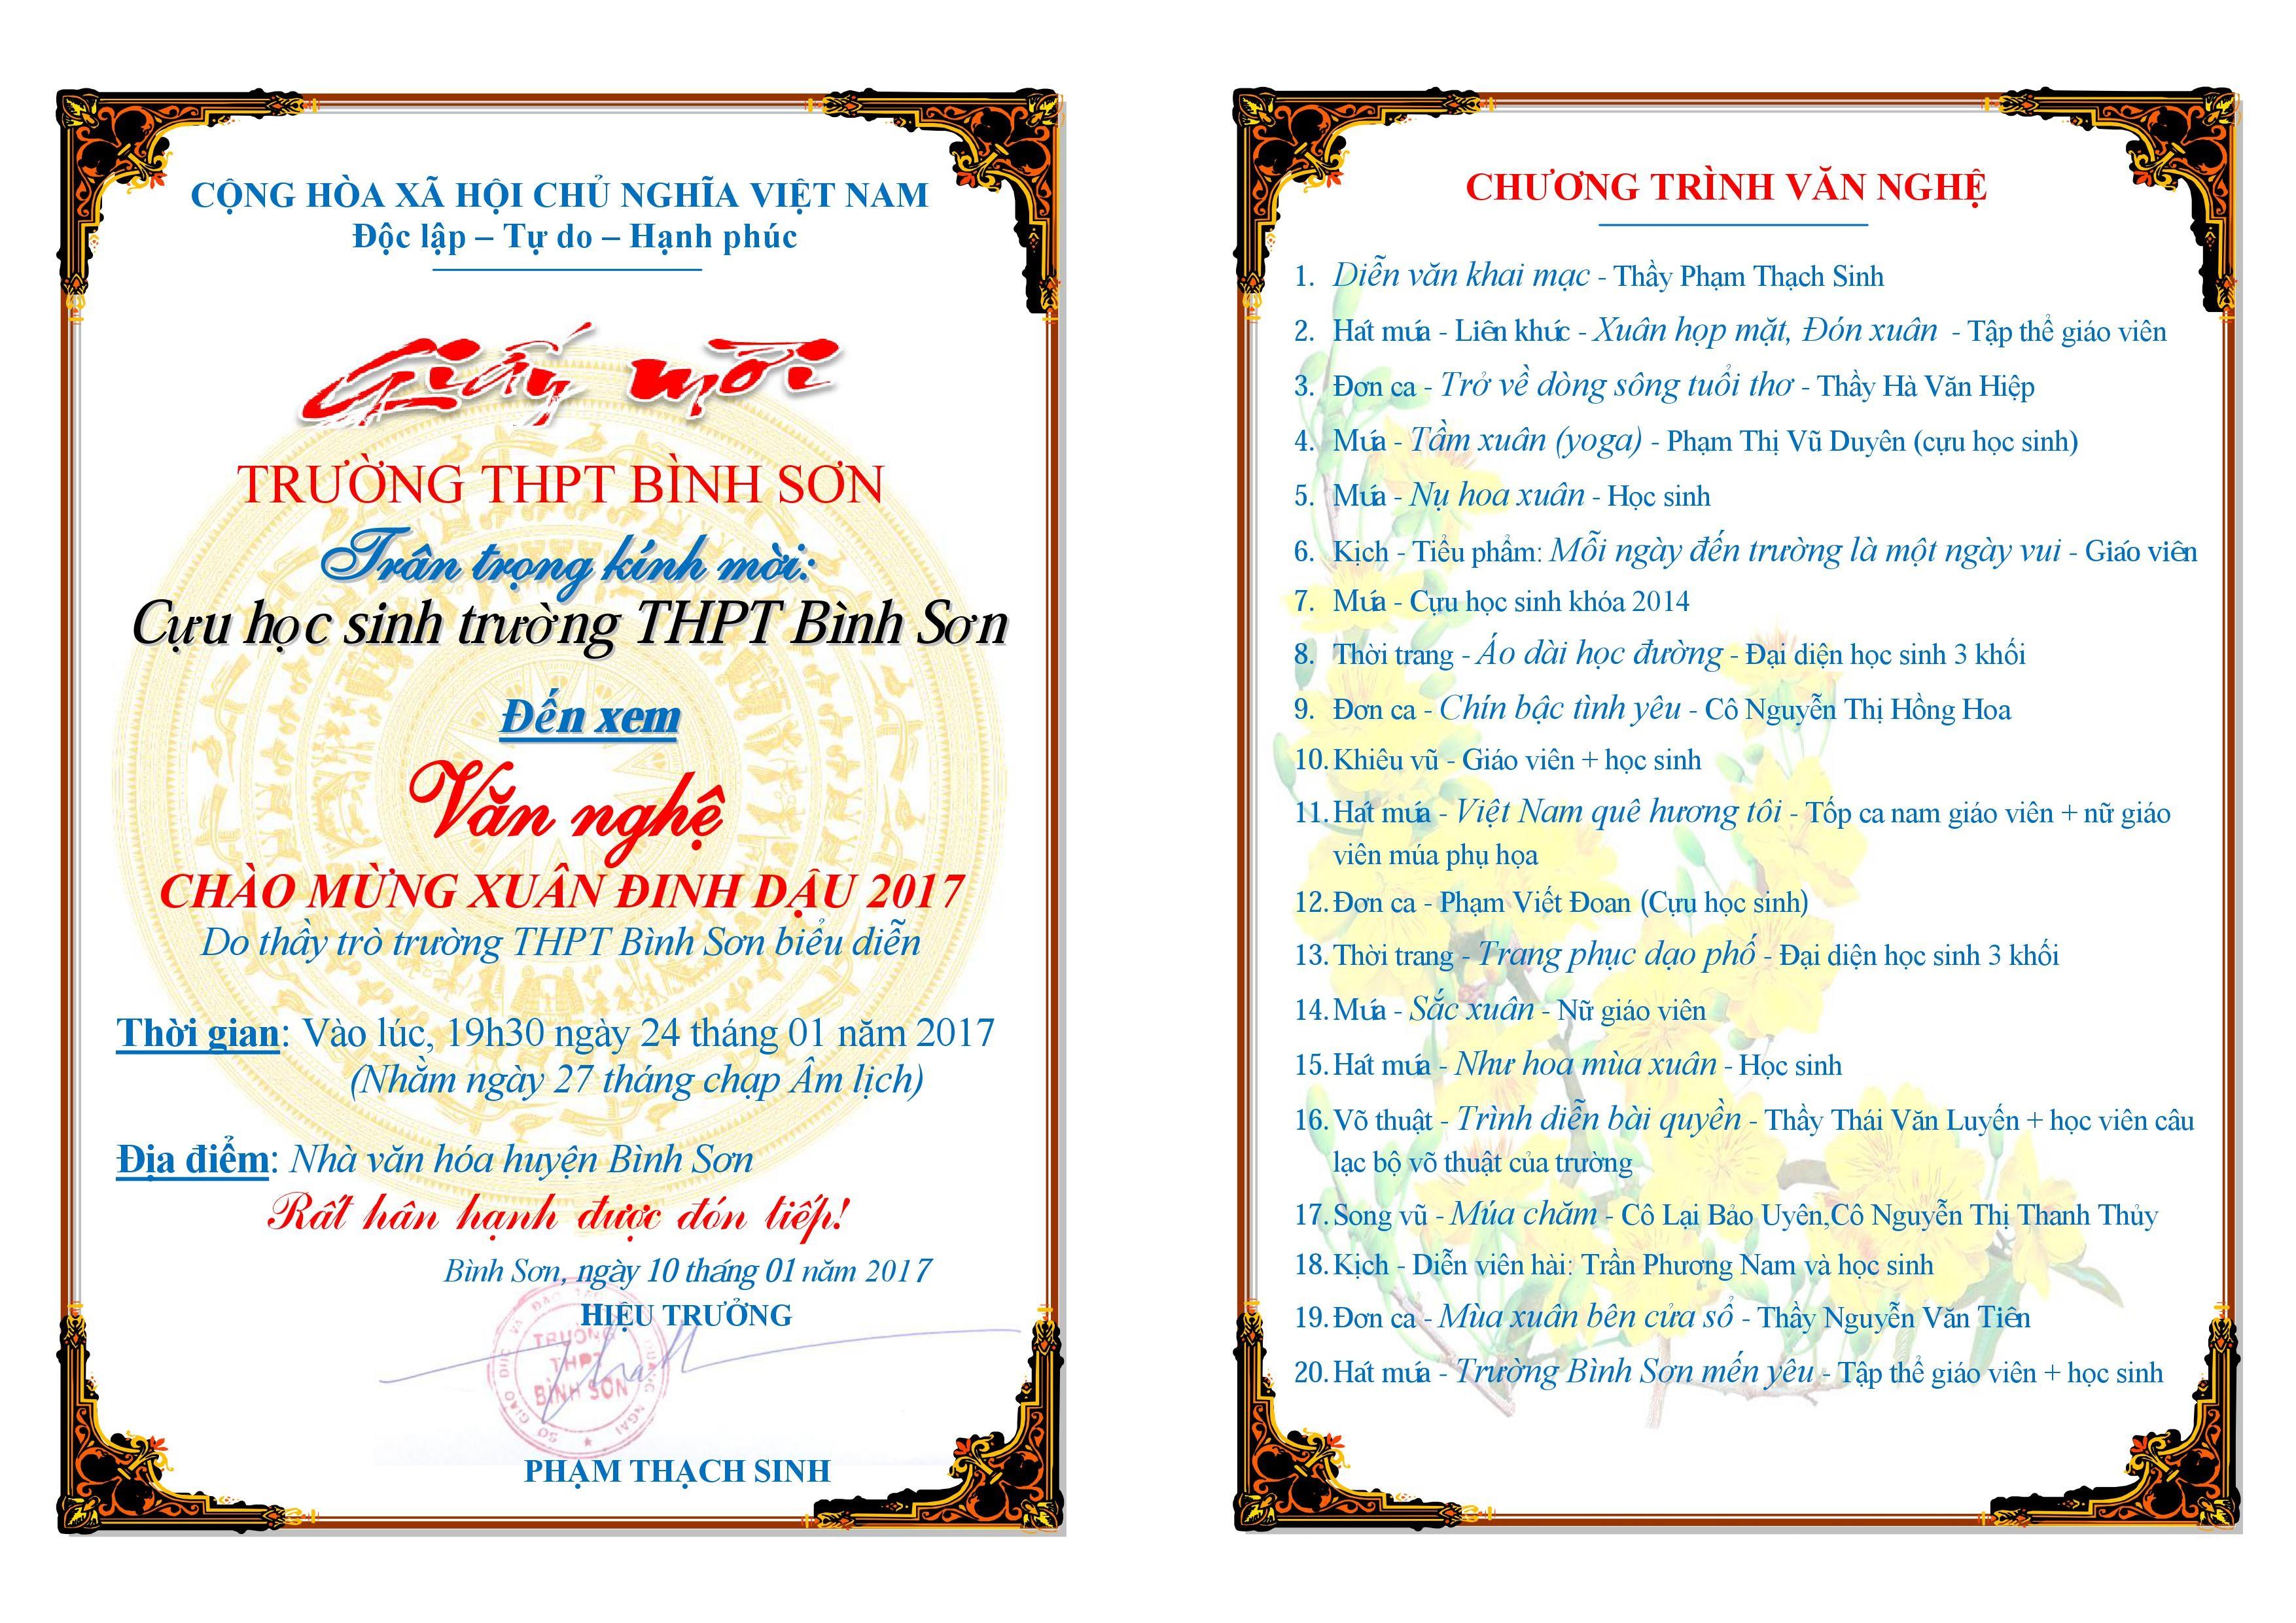 Đêm văn nghệ mừng xuân Đinh Dậu 2017